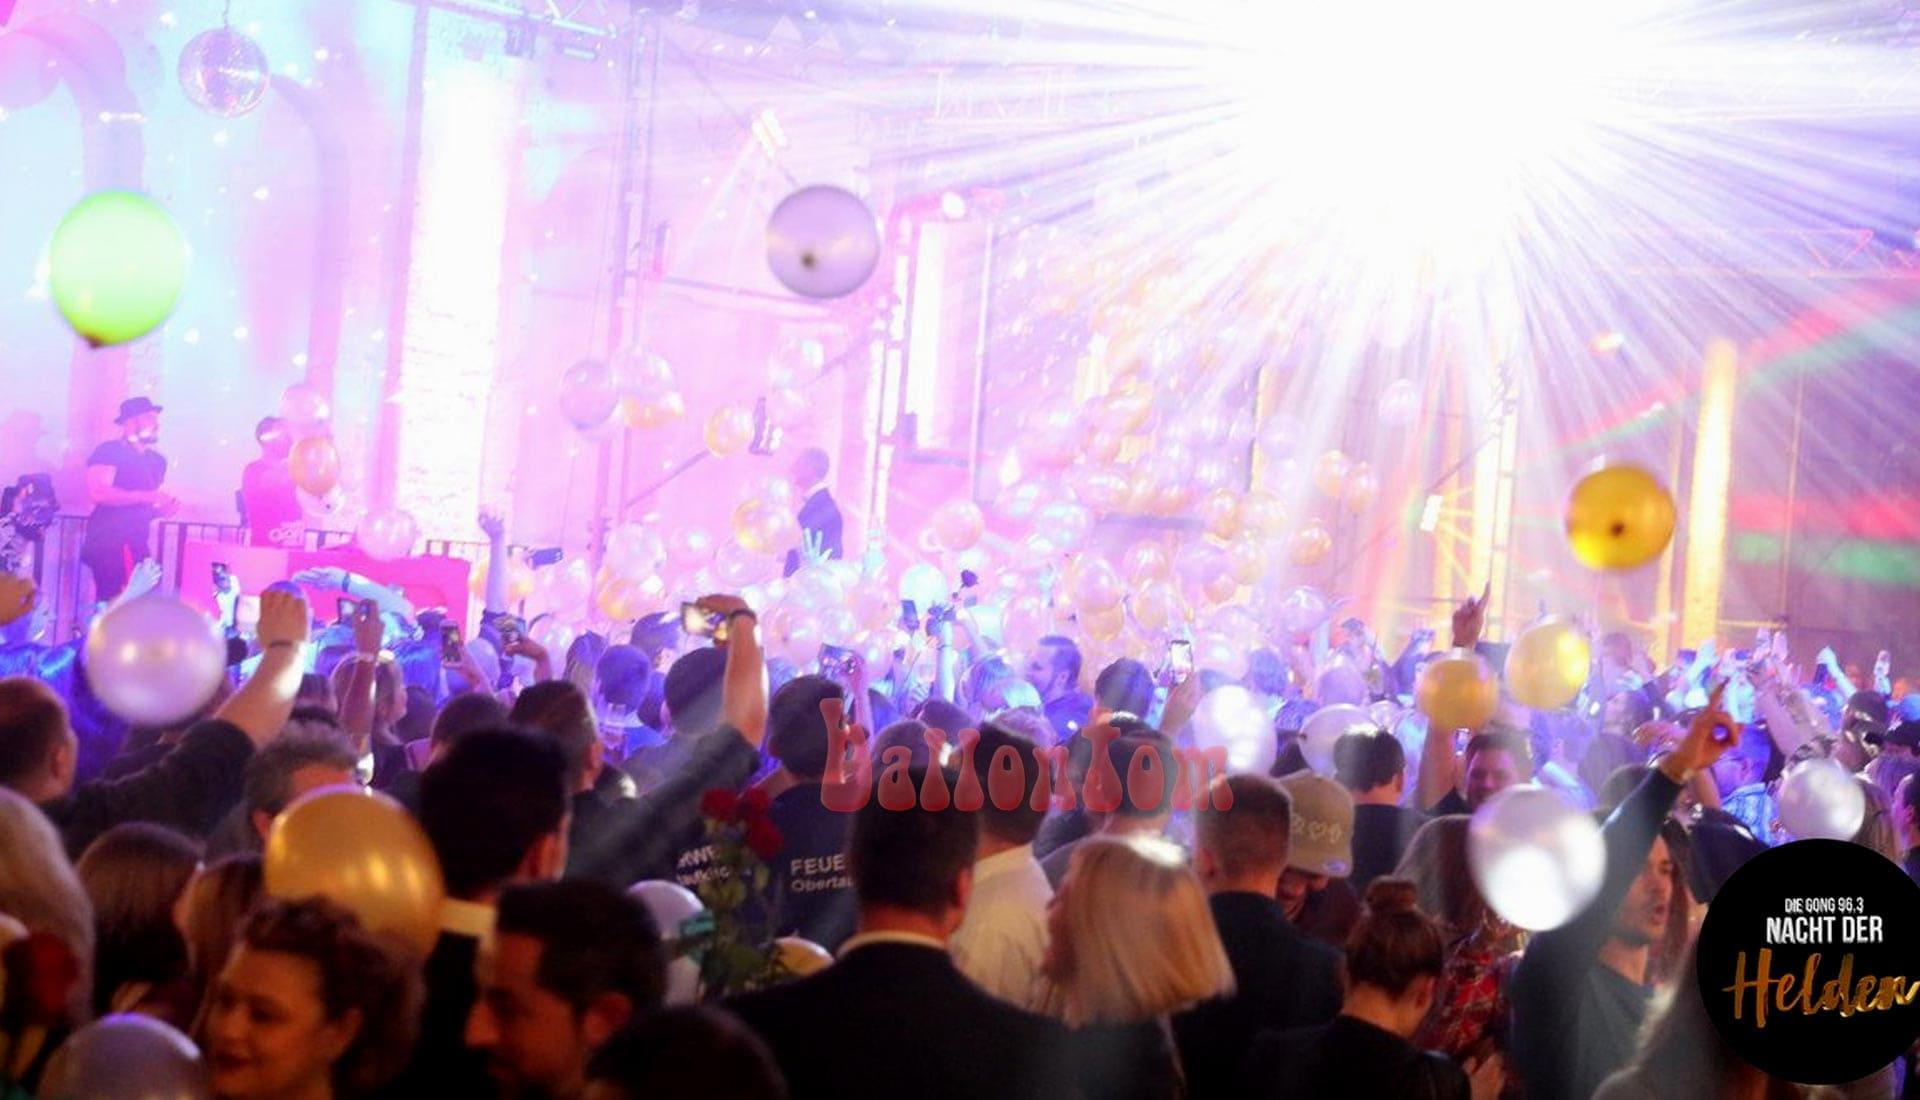 Ballondrop Radio Gong 96,3 München zur Nacht der Helde von ballontom